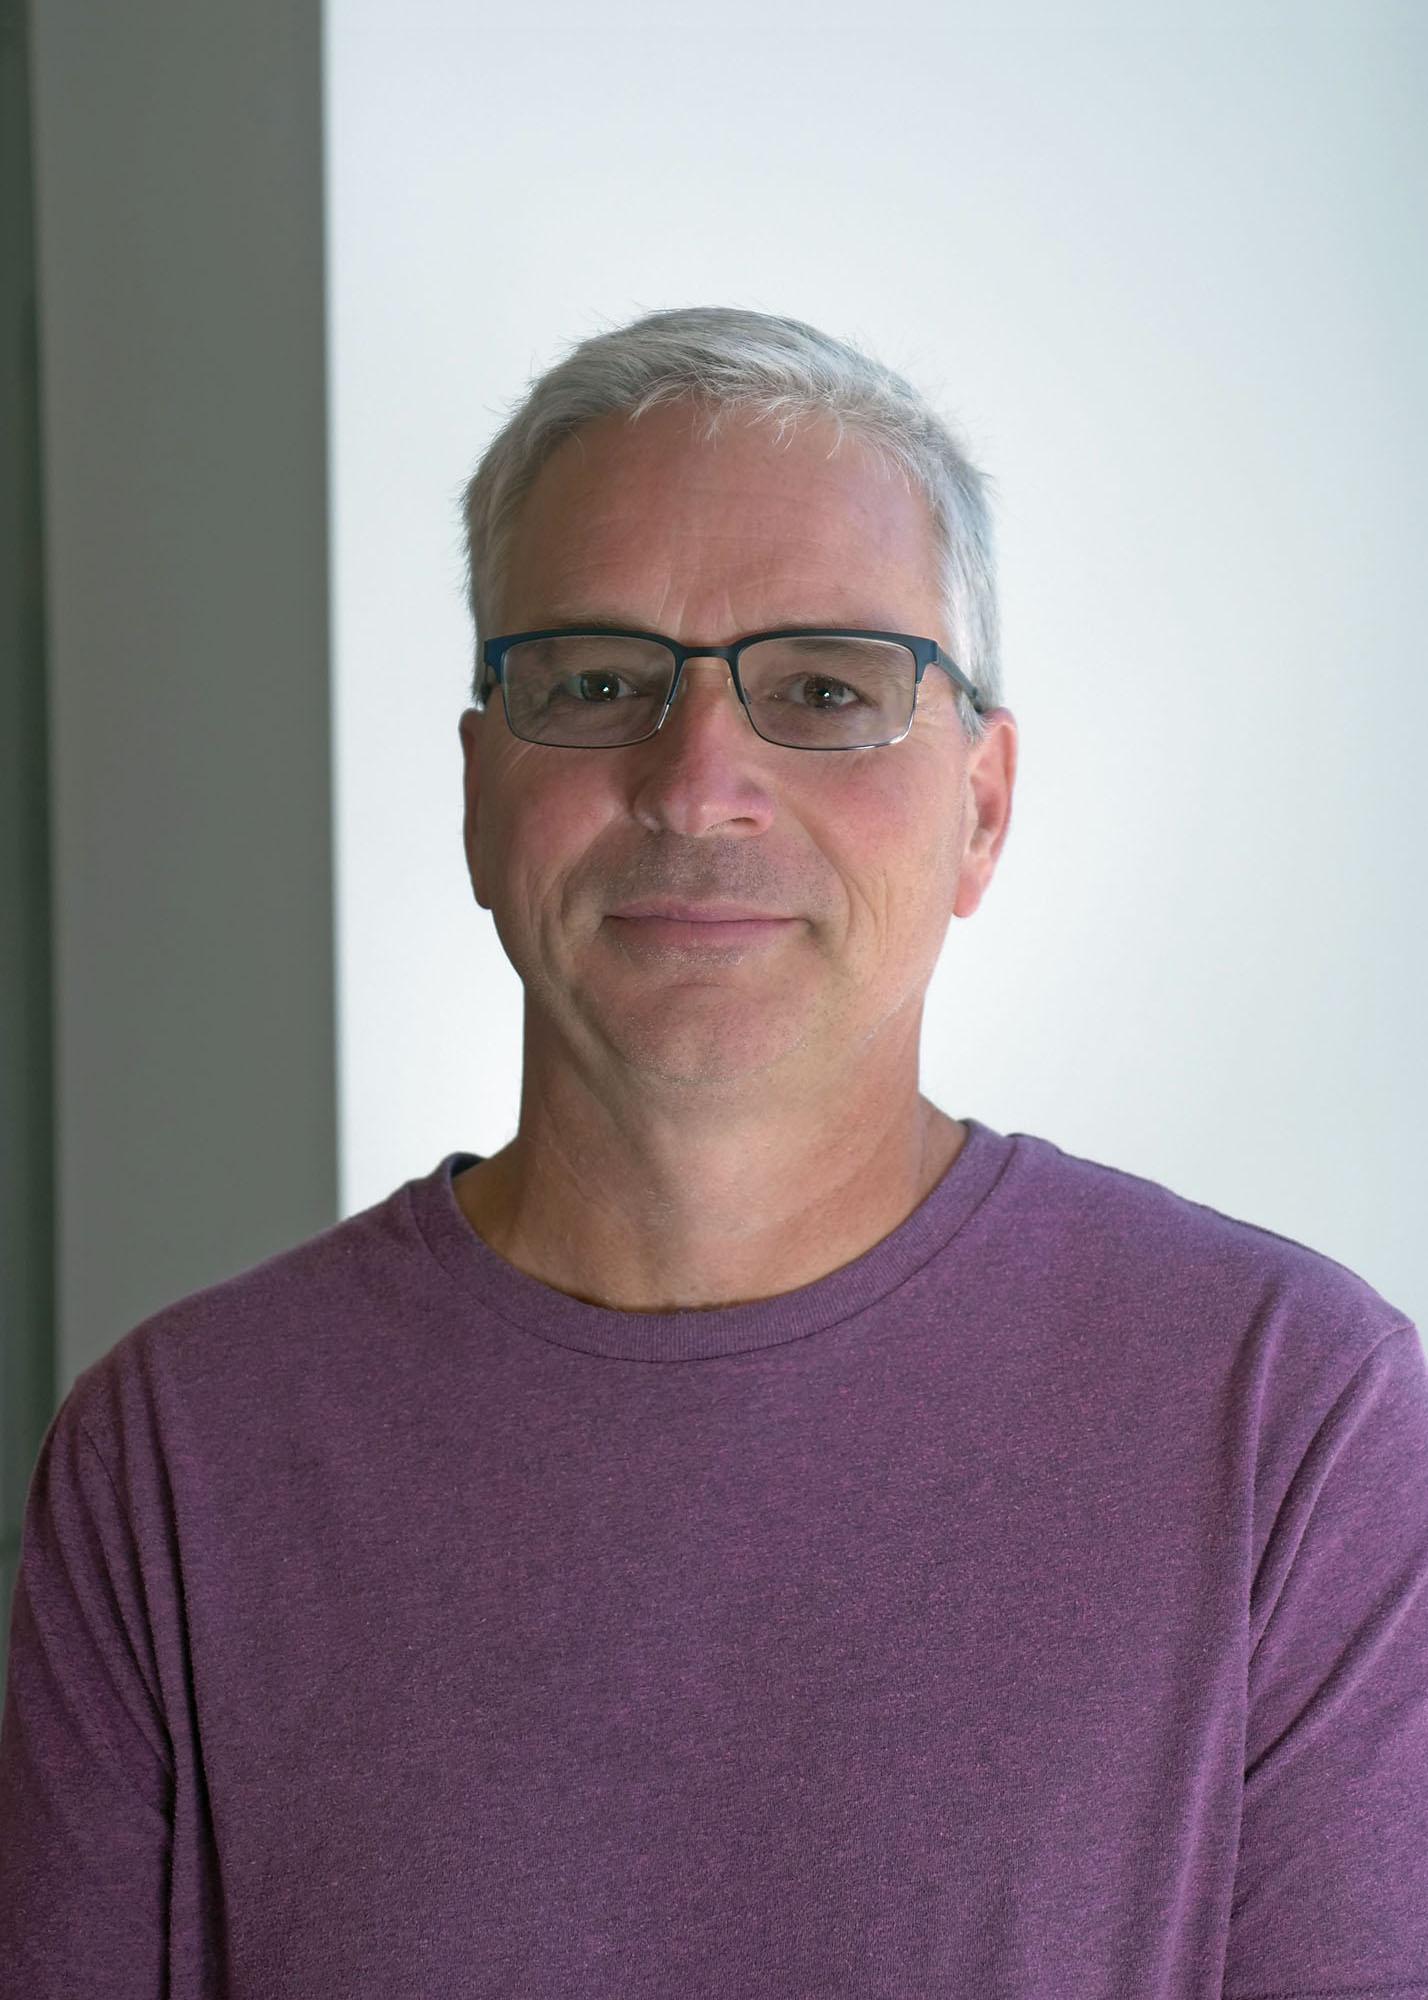 Glen Brubaker